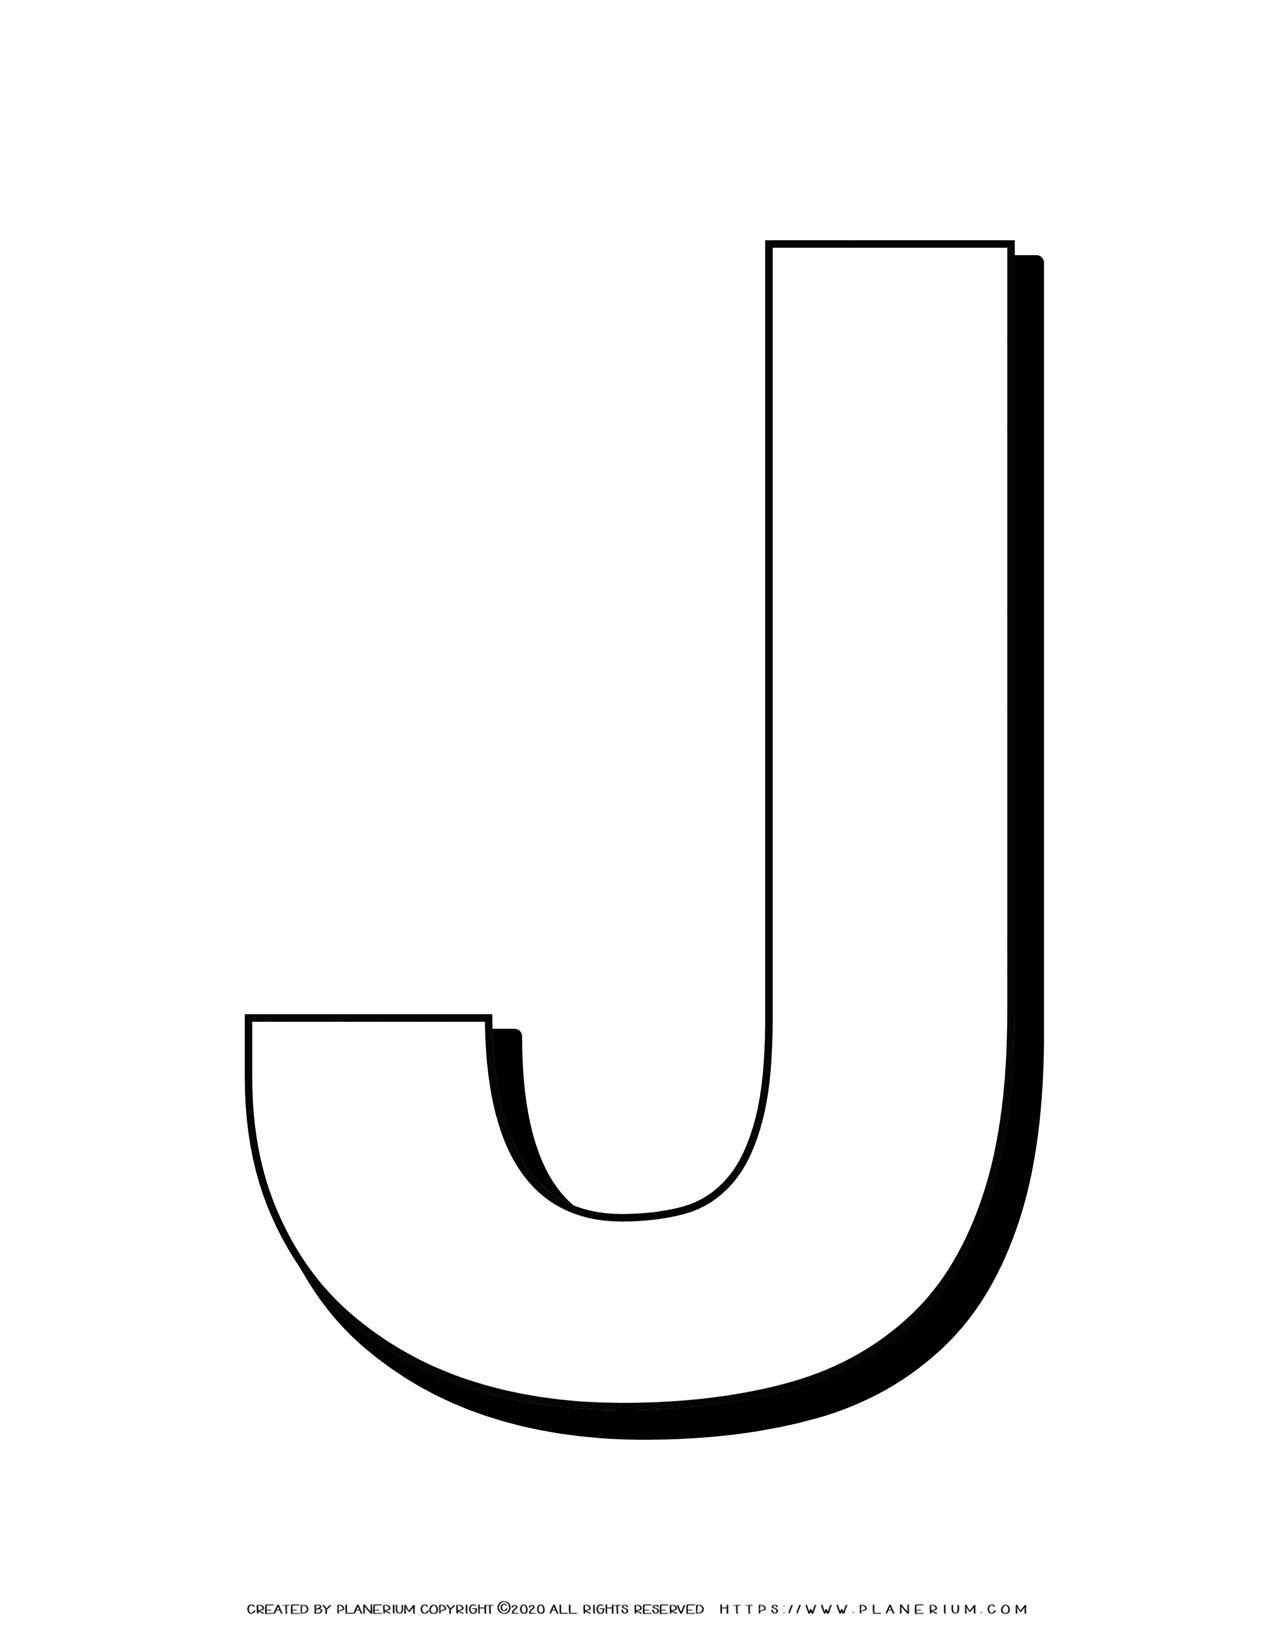 Alphabet Coloring Pages - English Letters - Capital J | Planerium